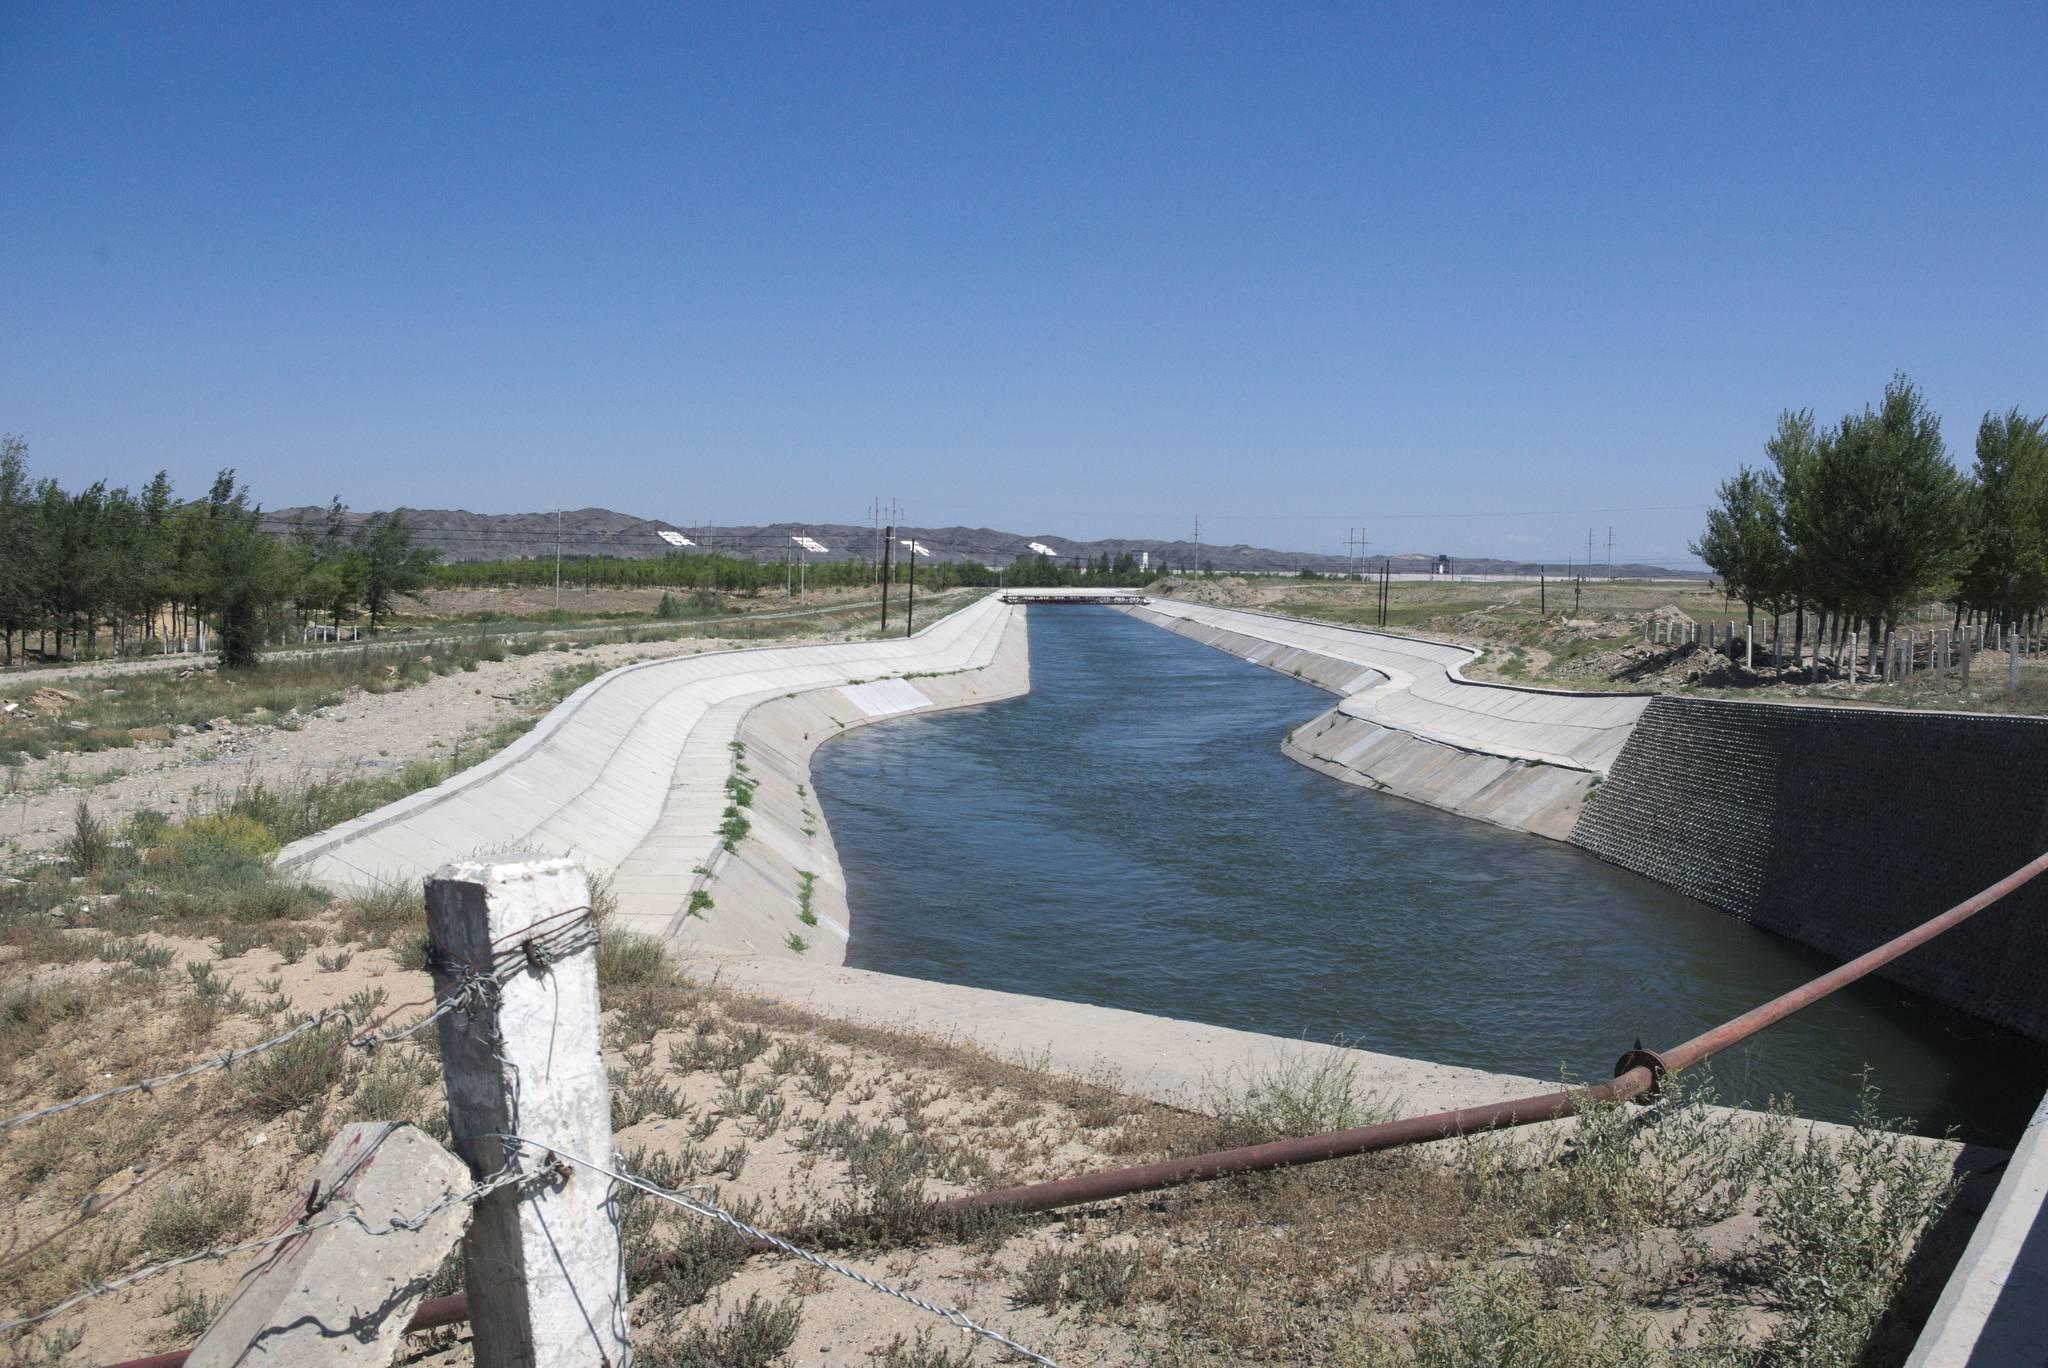 Kanał prowadzący wodę na pustynię